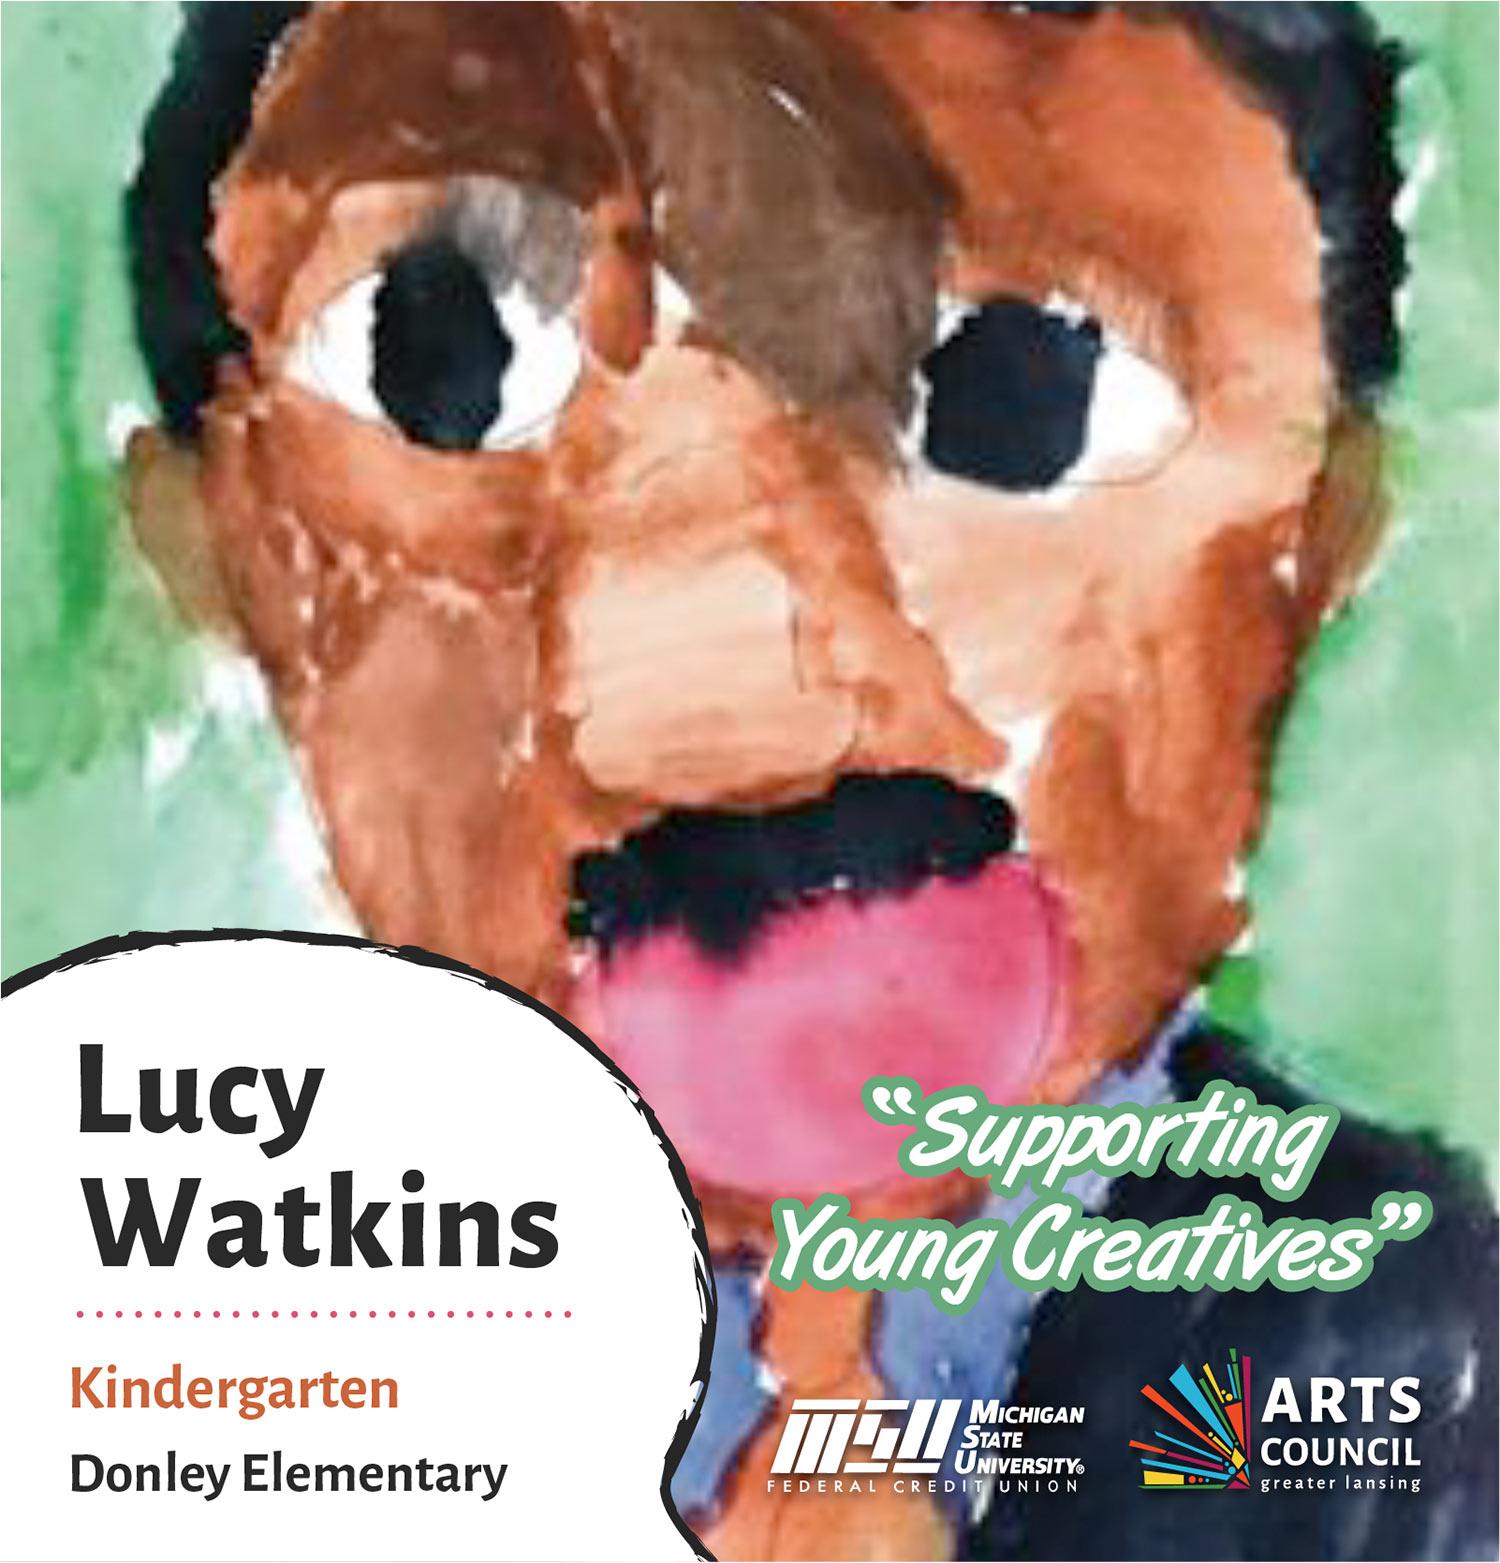 Lucy Watkins Billboard